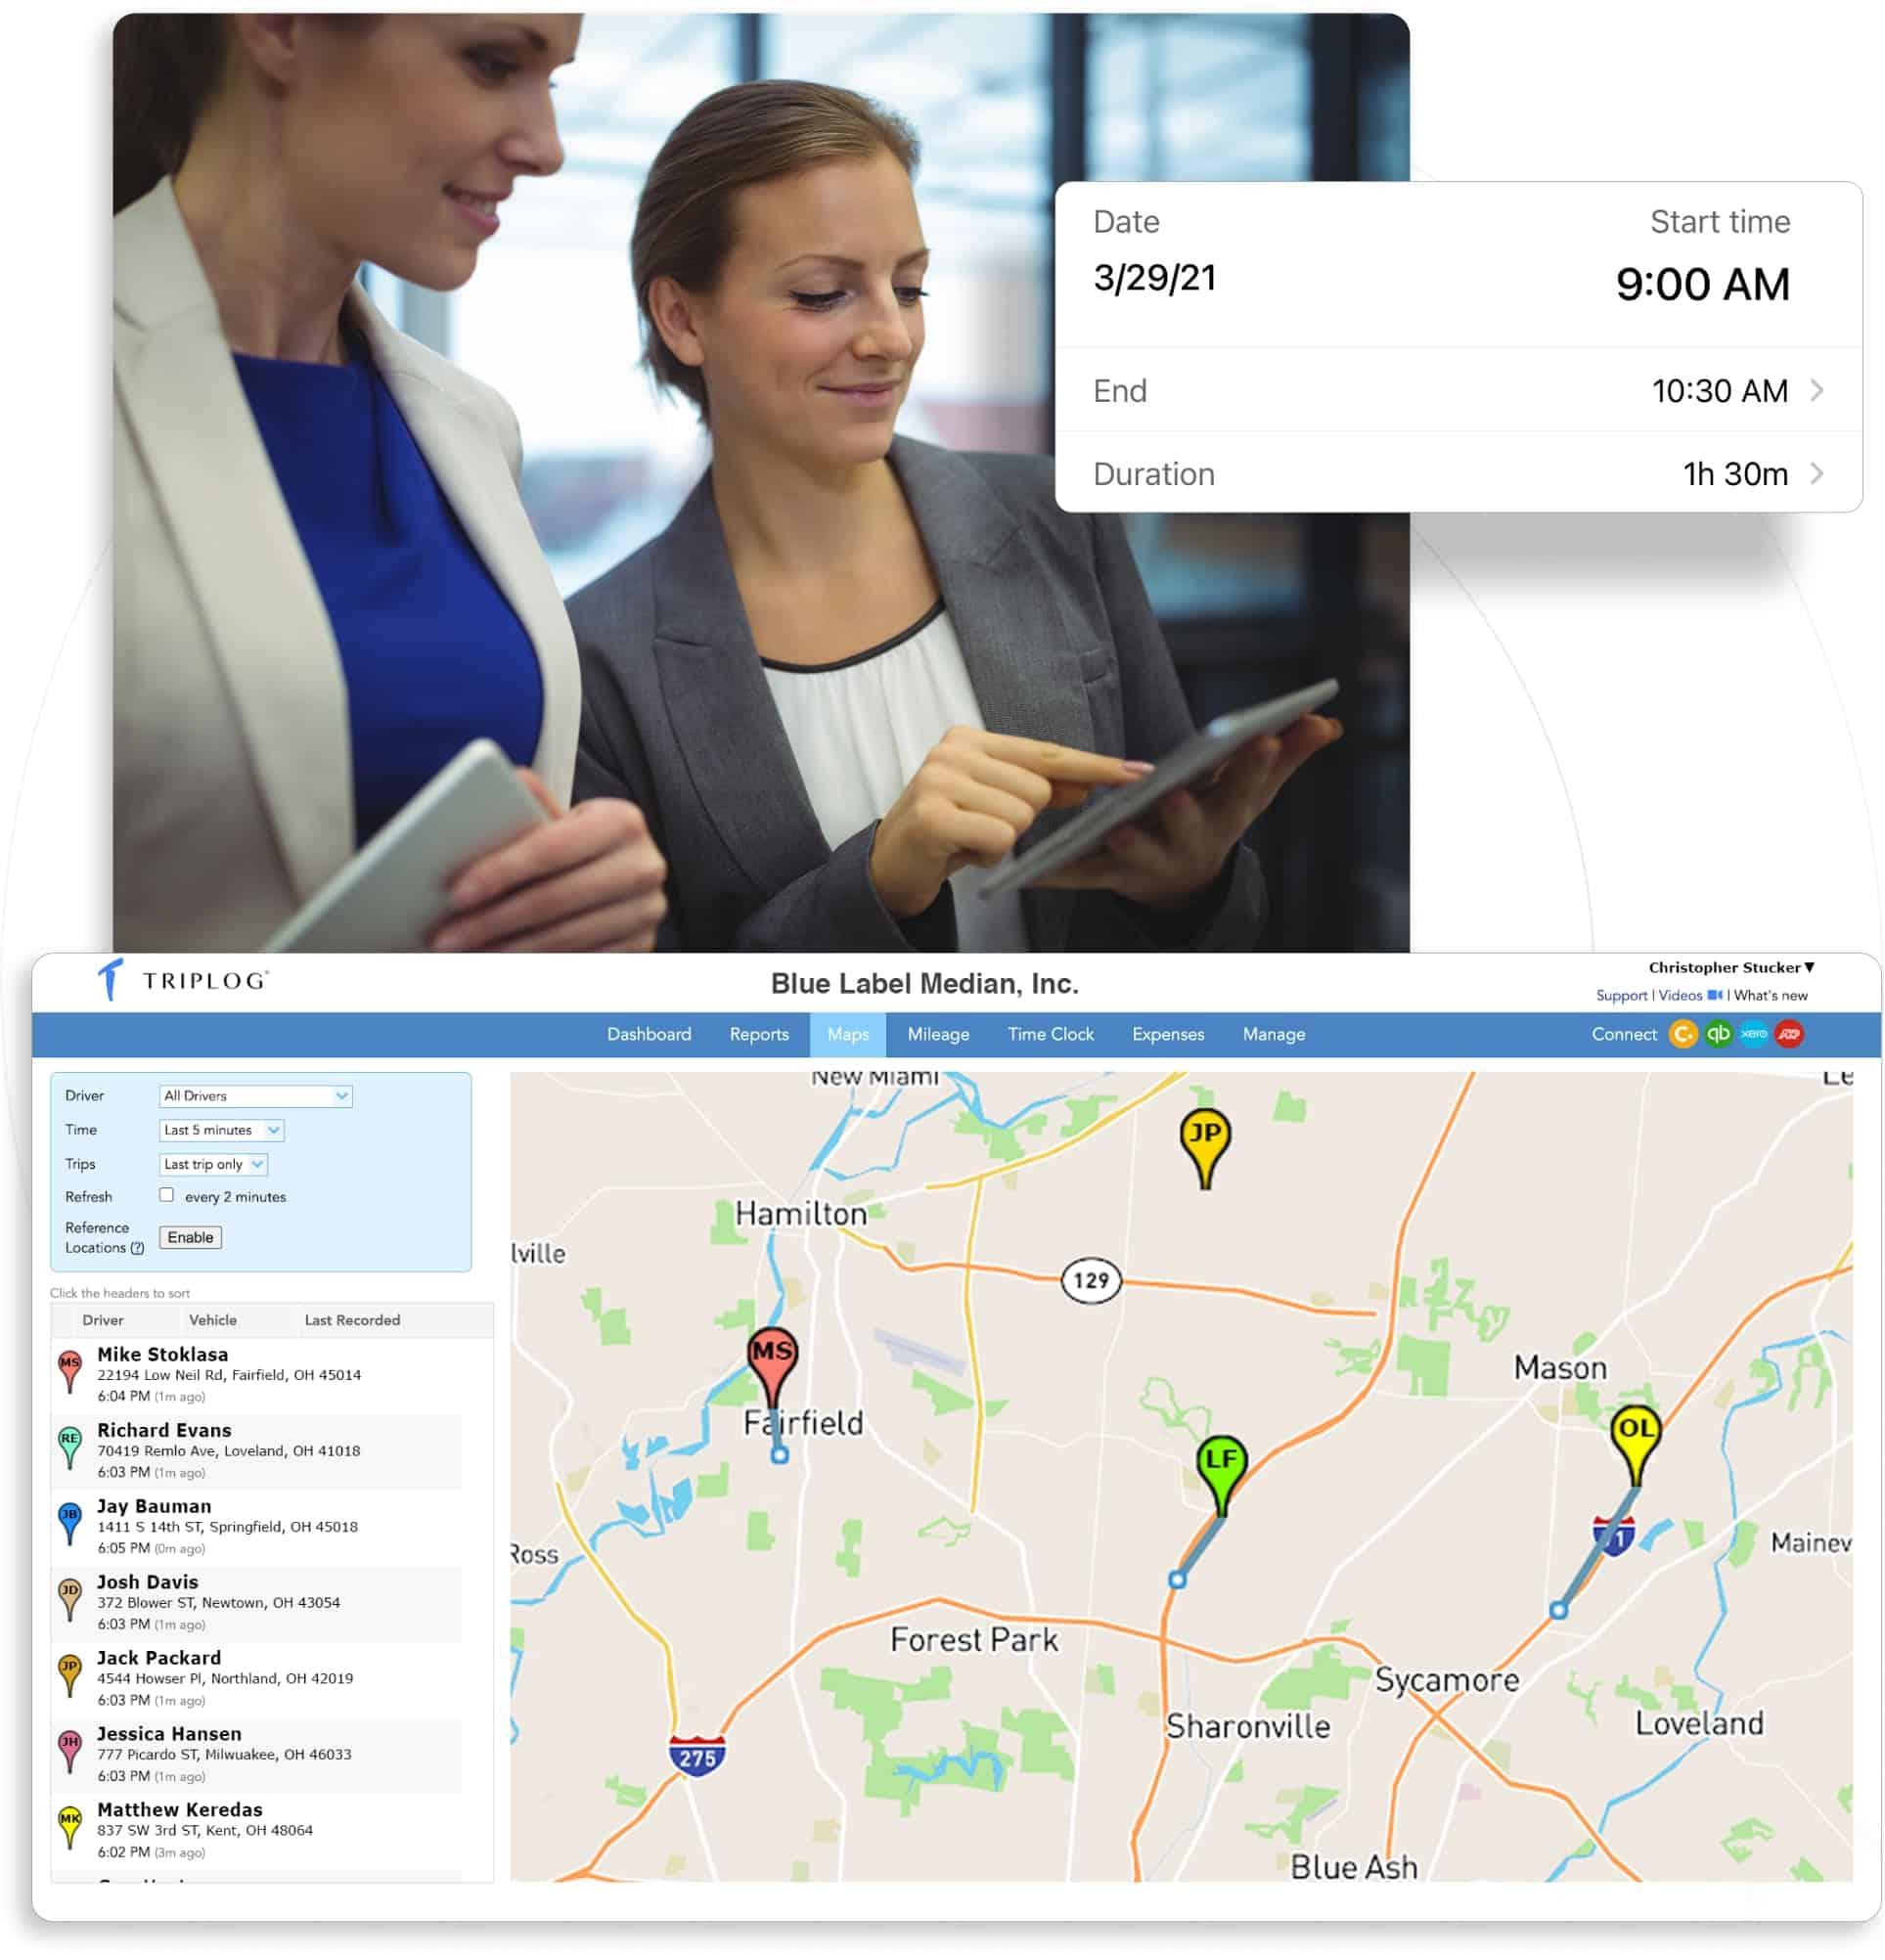 triplog mobile workforce management gps